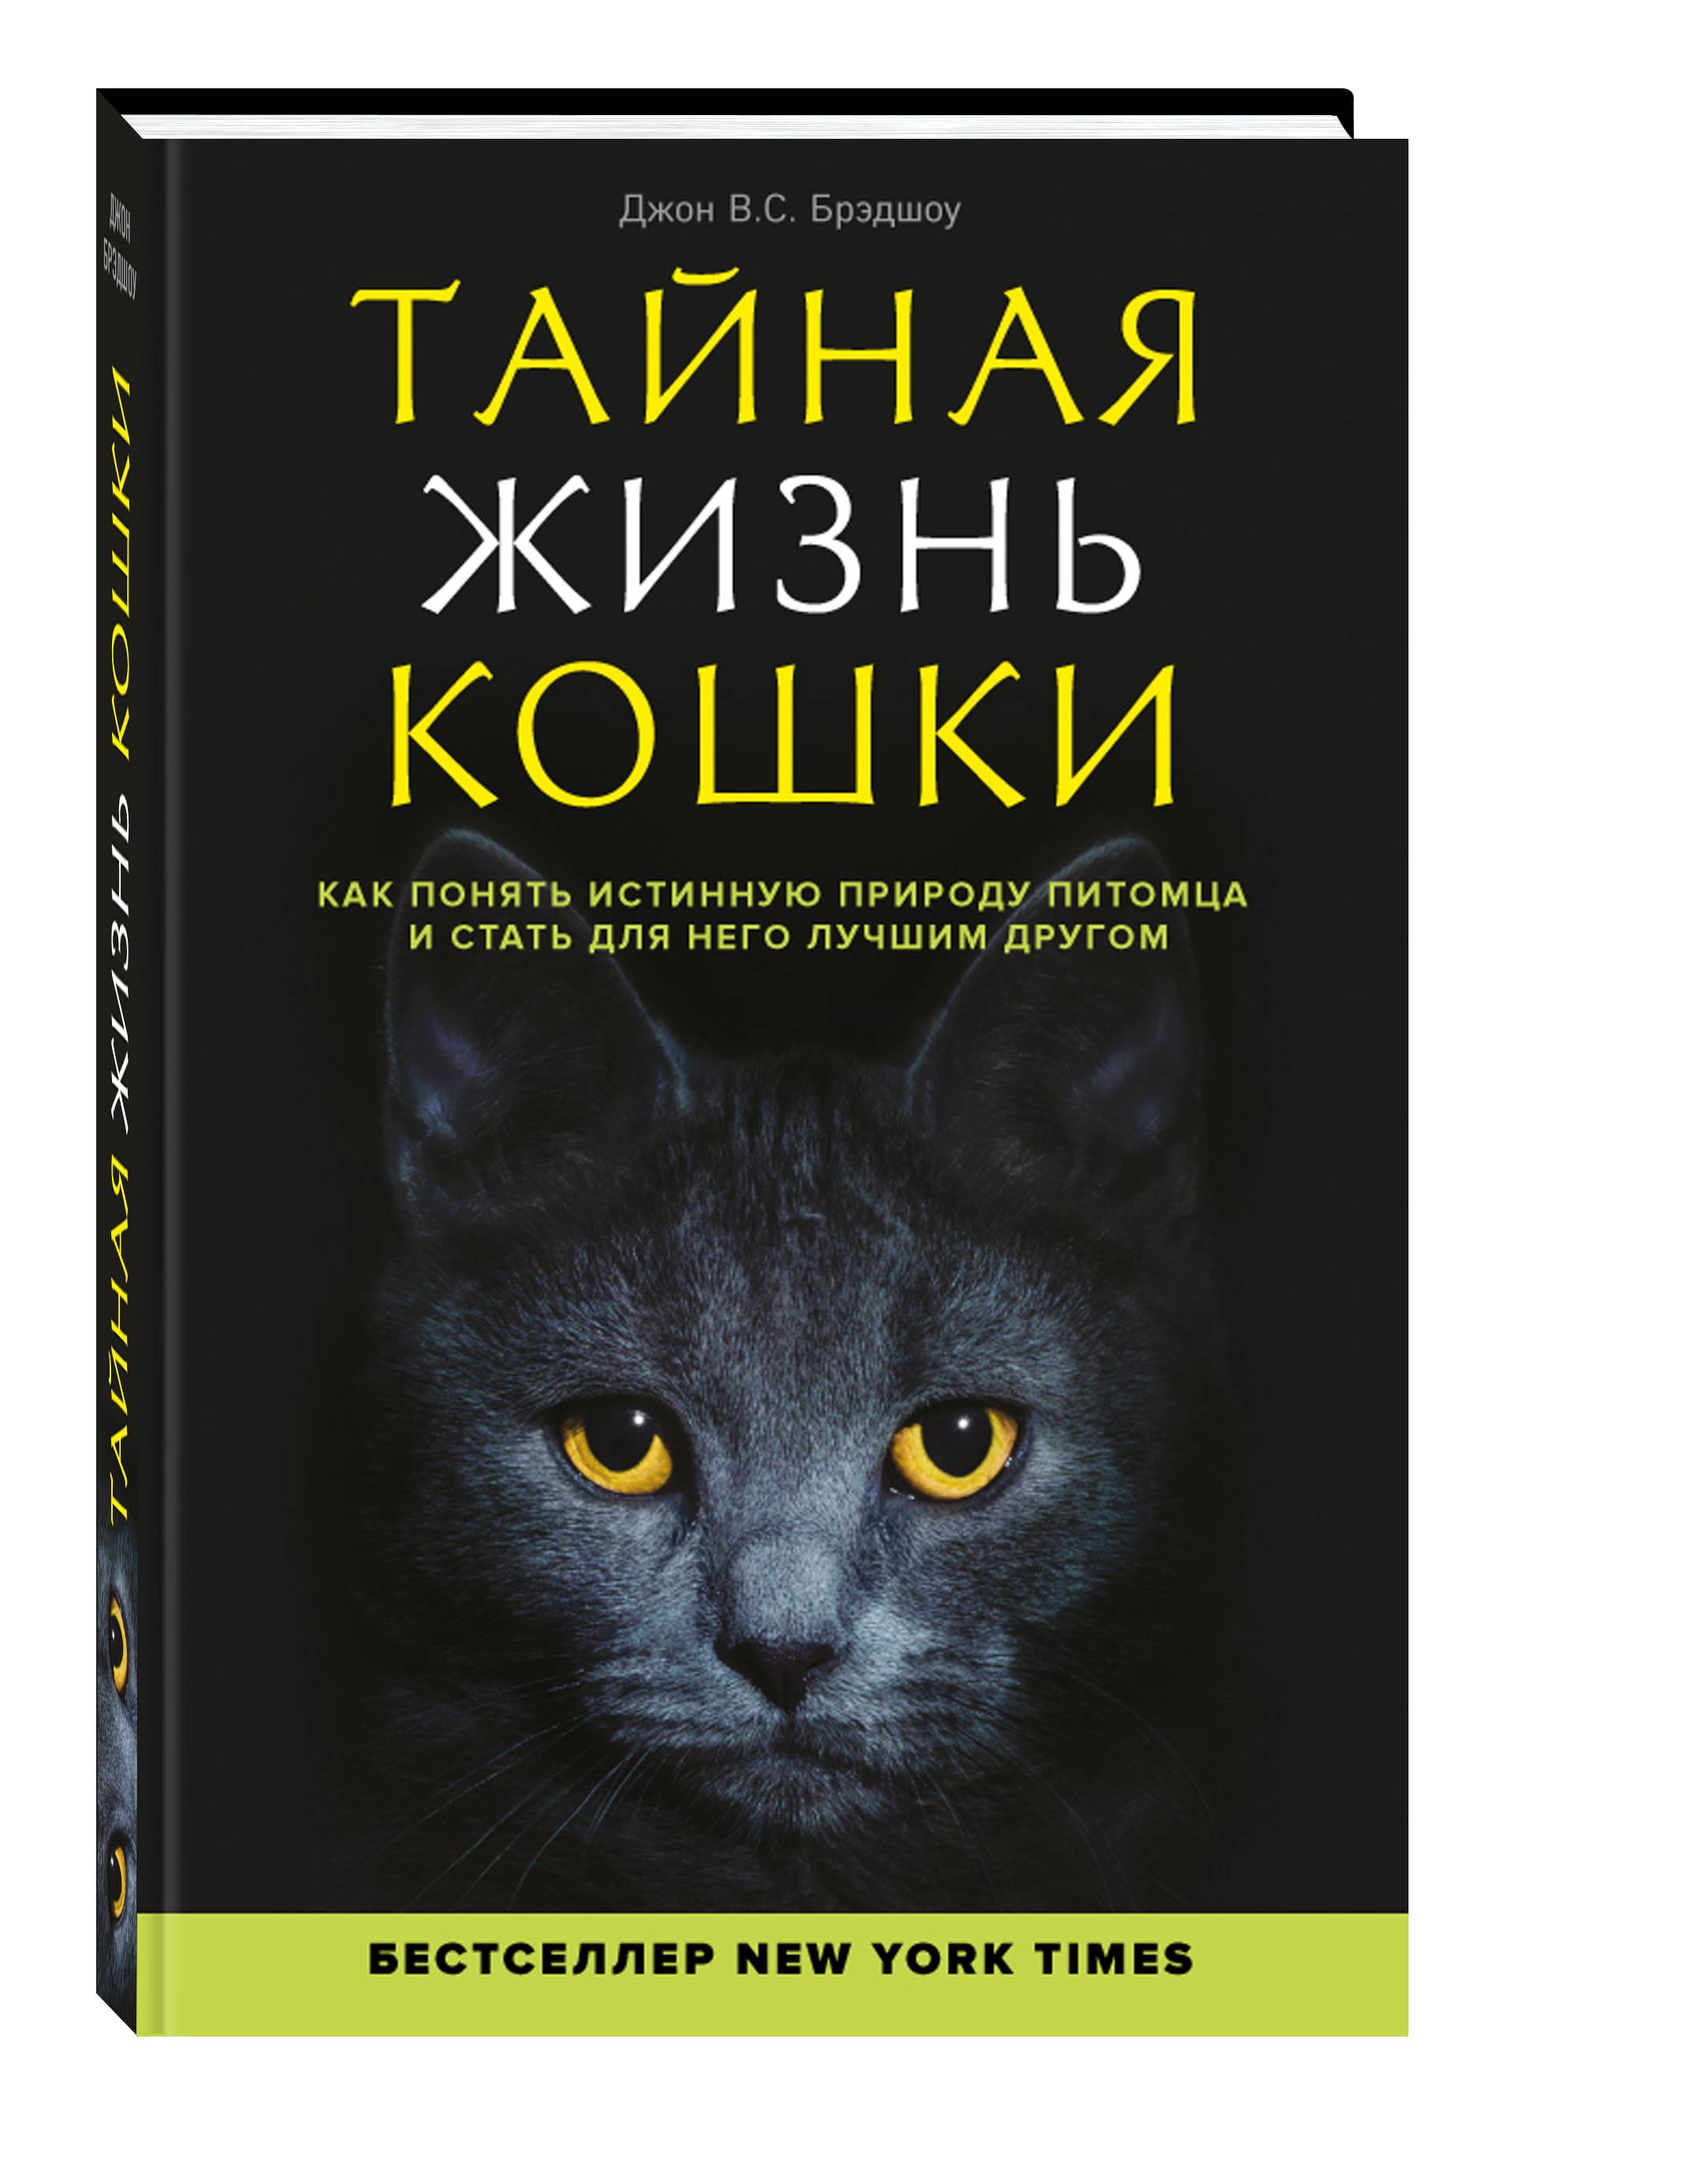 Тайная жизнь кошки. Как понять истинную природу питомца и стать для него лучшим другом ( Брэдшоу Д.  )